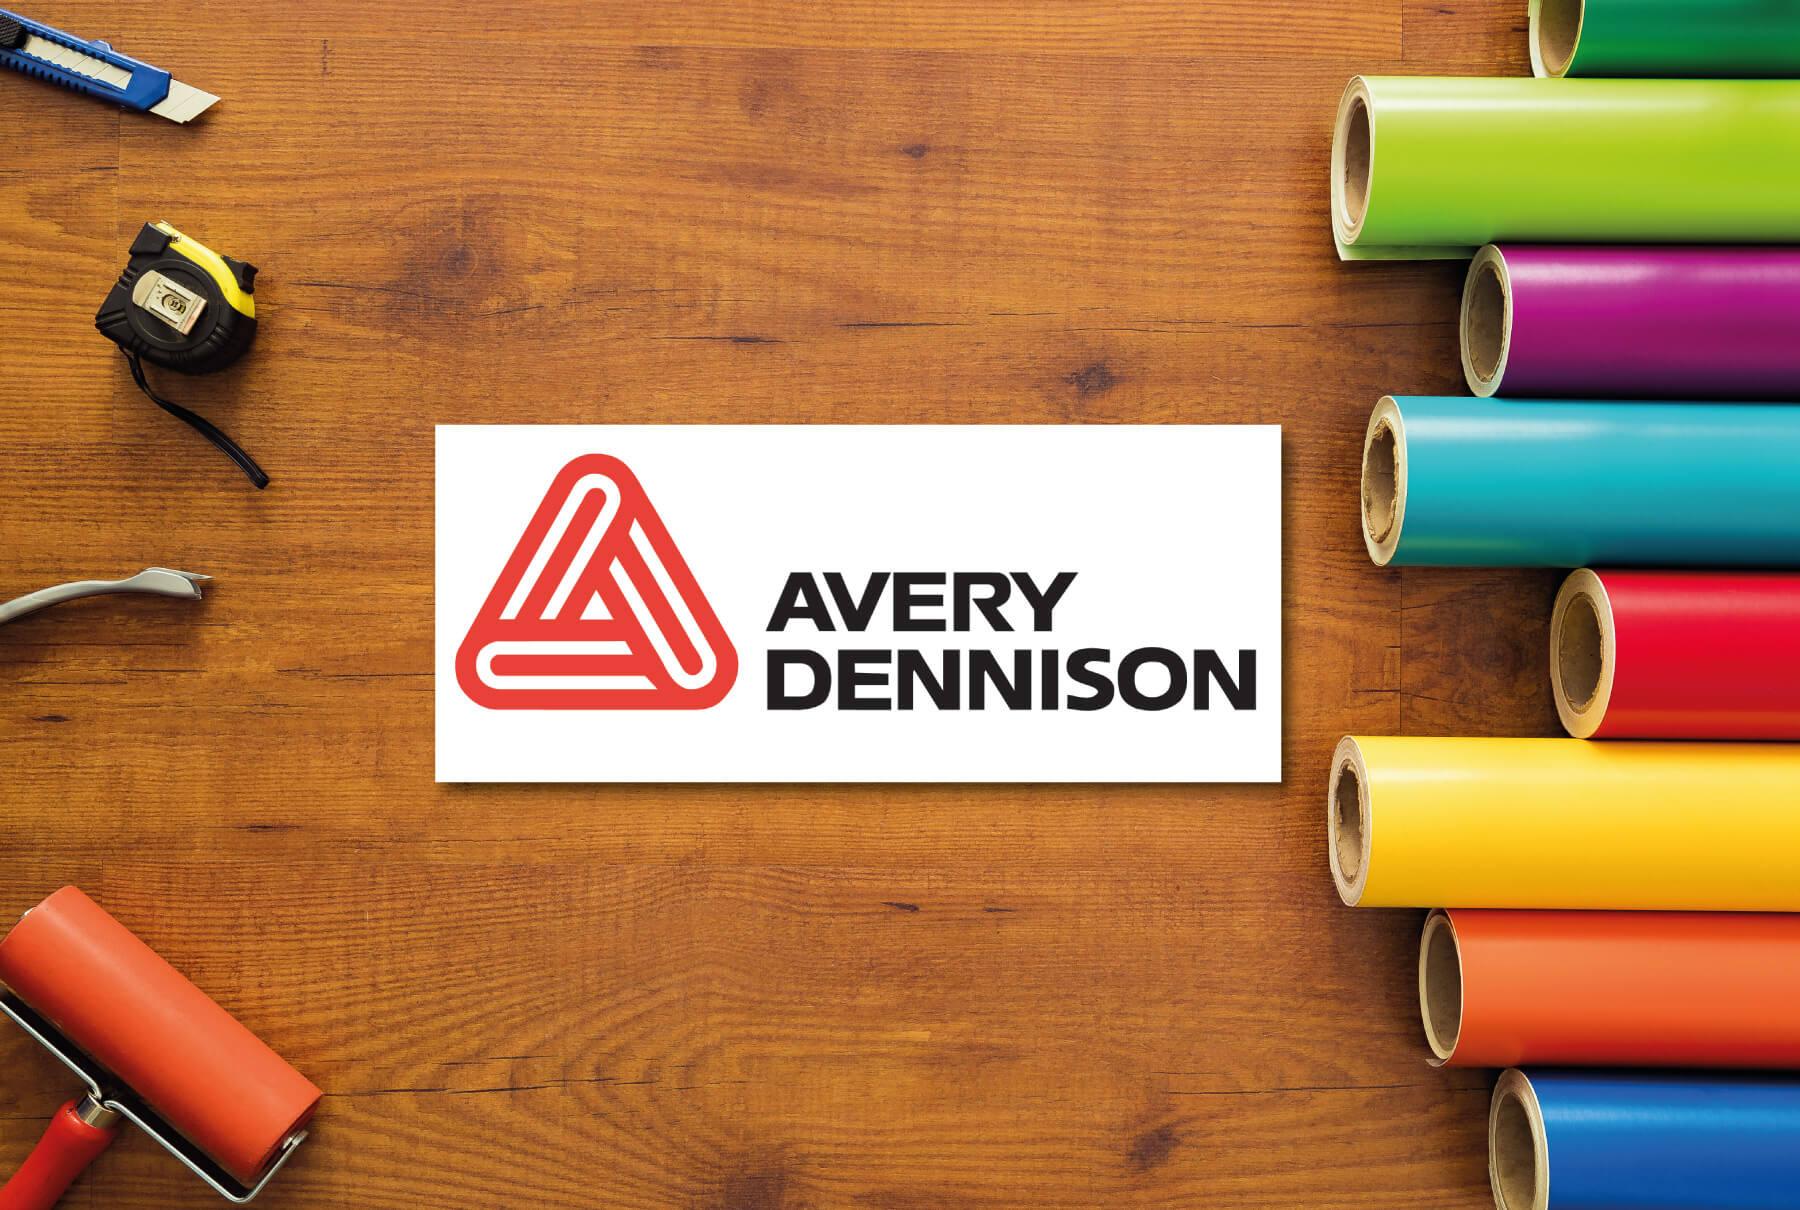 Avery Dennison Specialist Converter